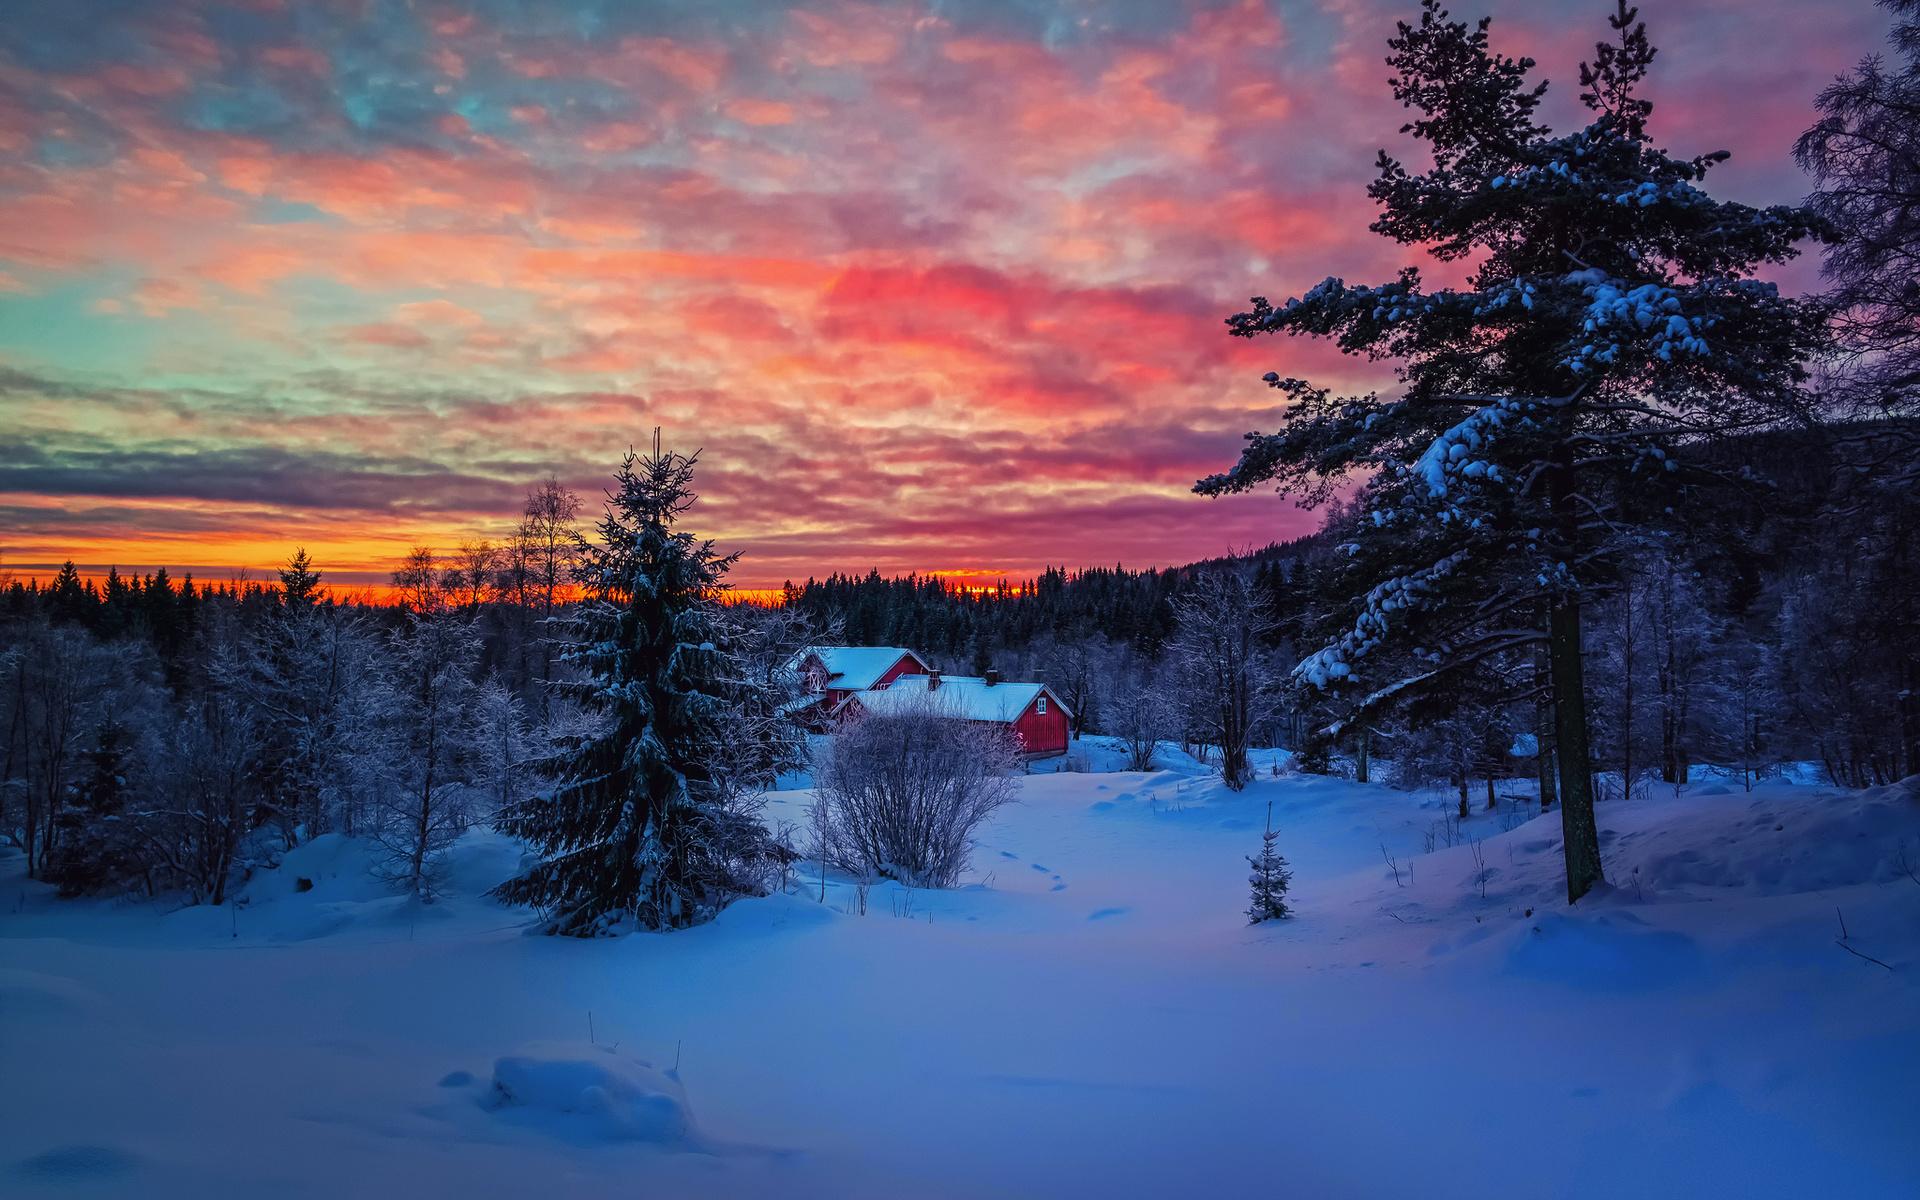 художественное разнообразие, картинки с зимними пейзажами характере способностях